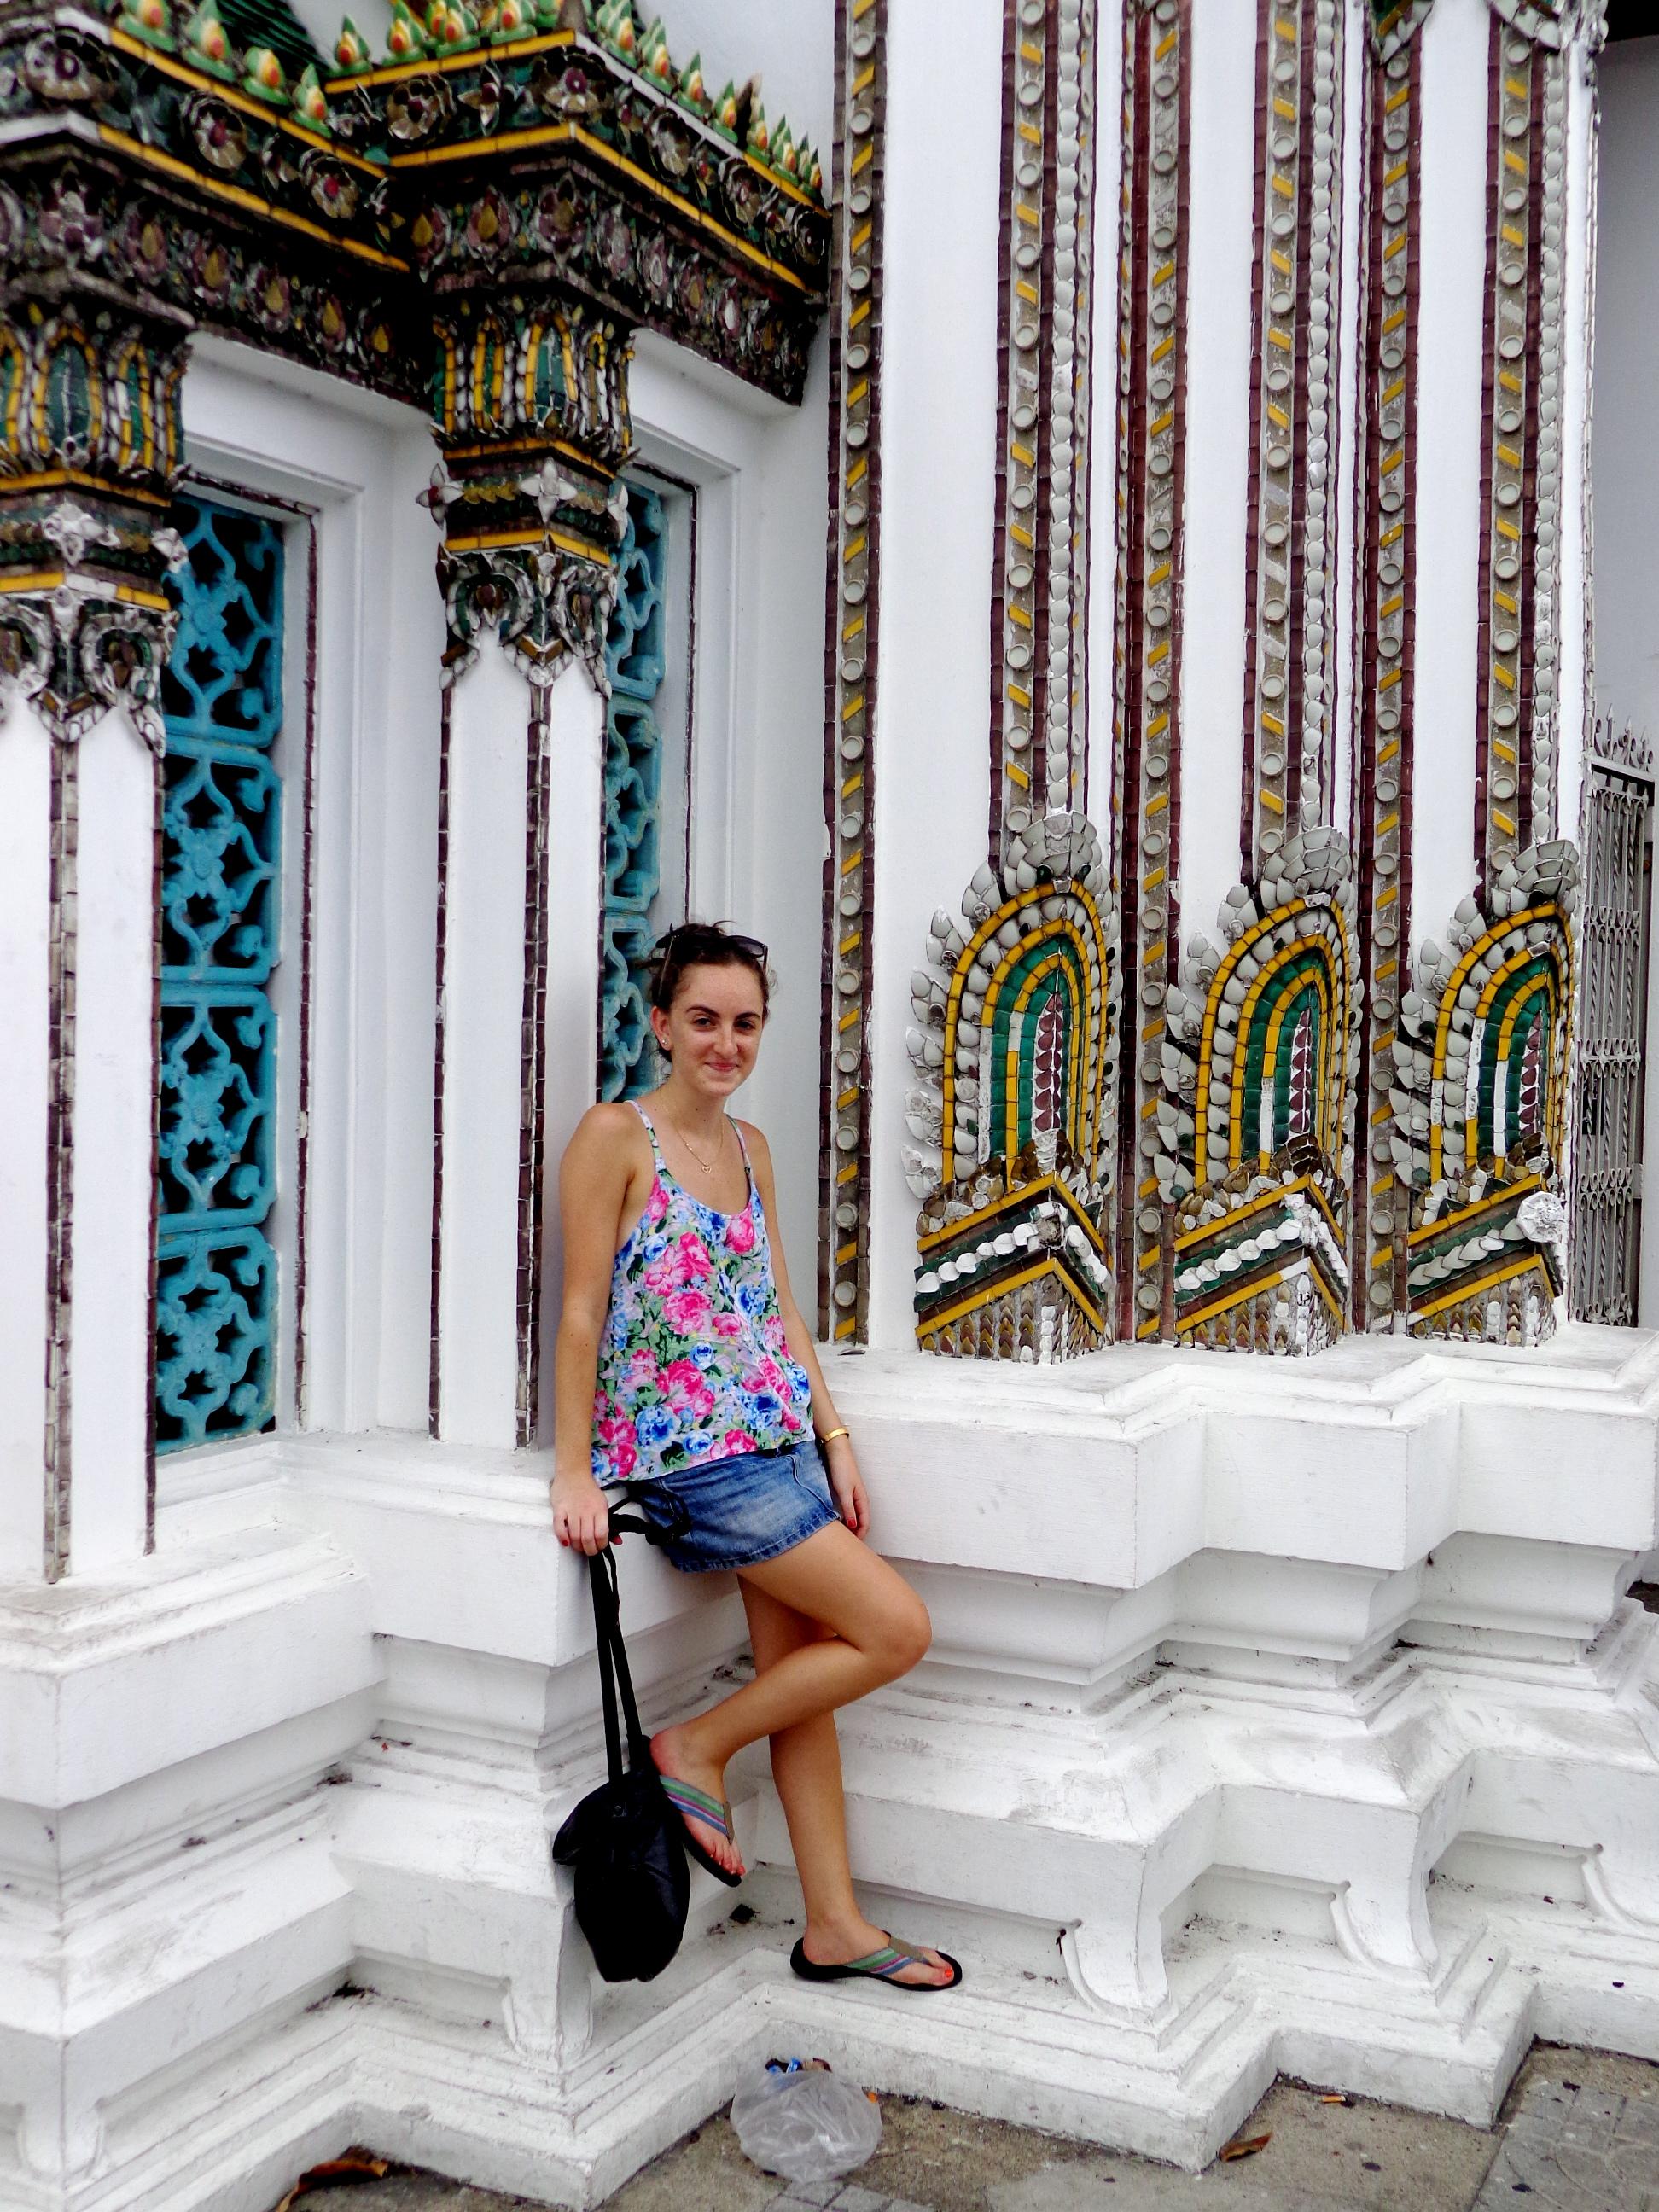 Remembering living in Bangkok